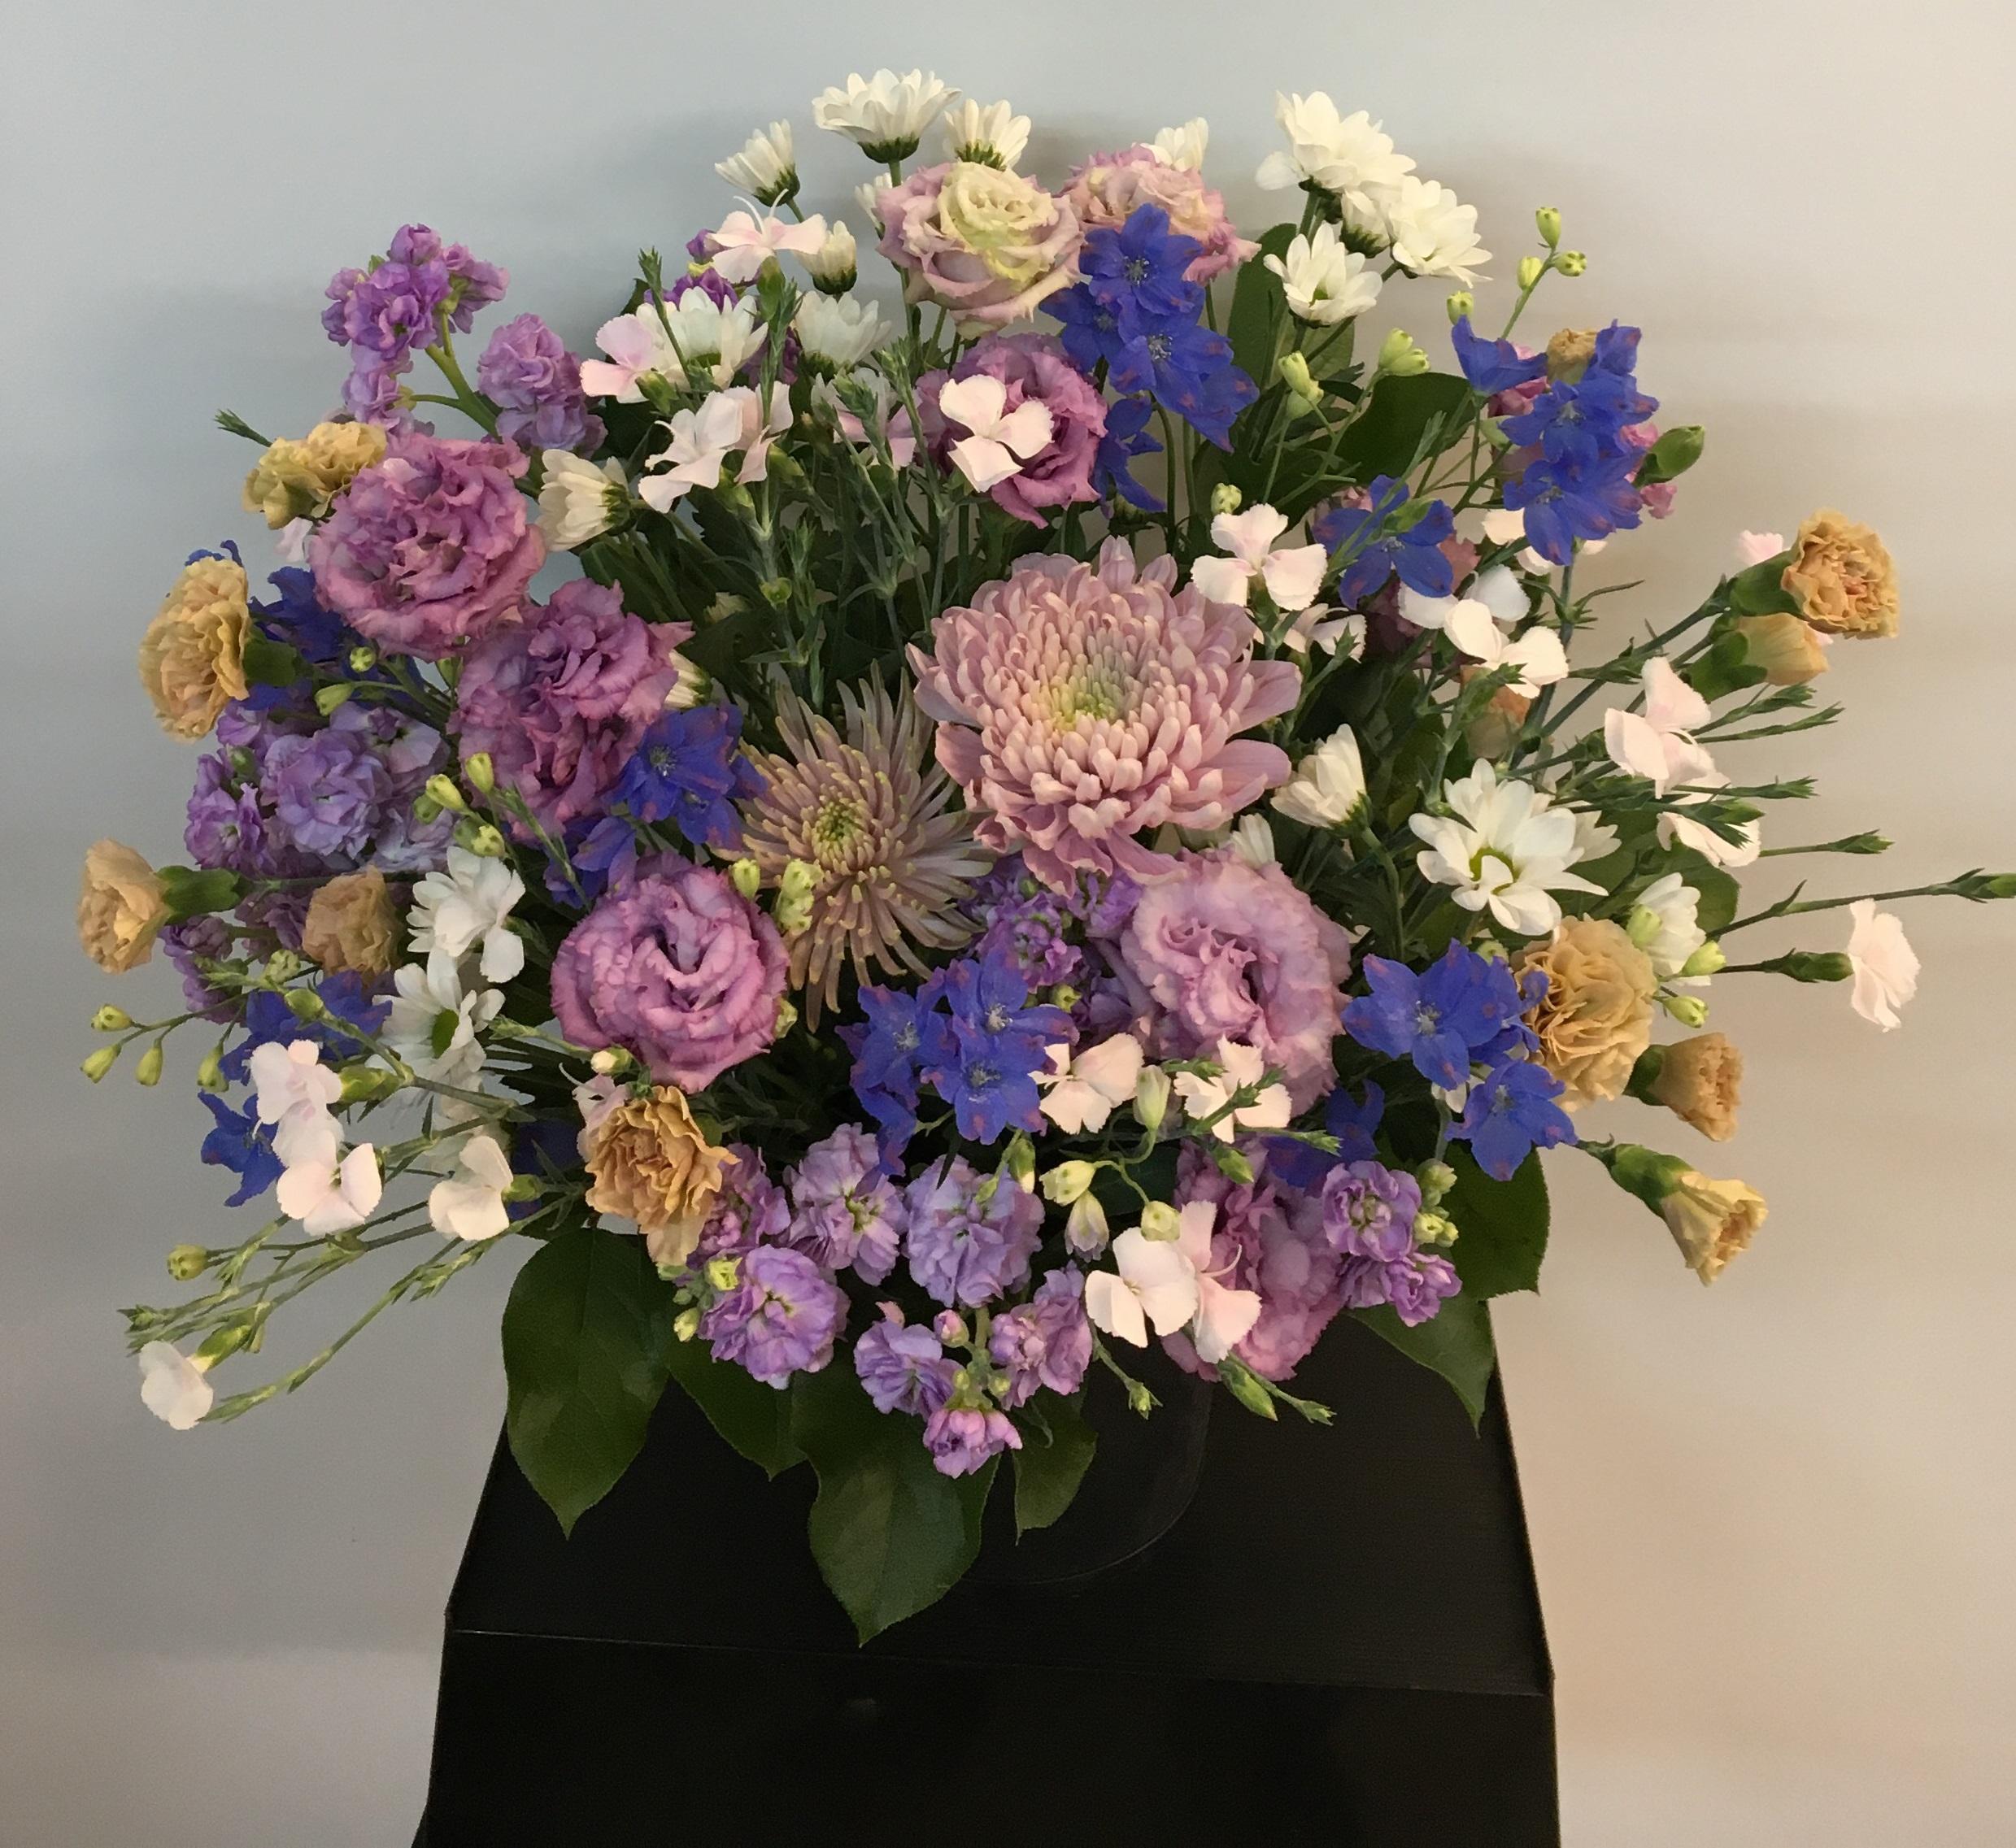 【お花納品事例15】神奈川県川崎市幸区に御供のお花を納品しました。